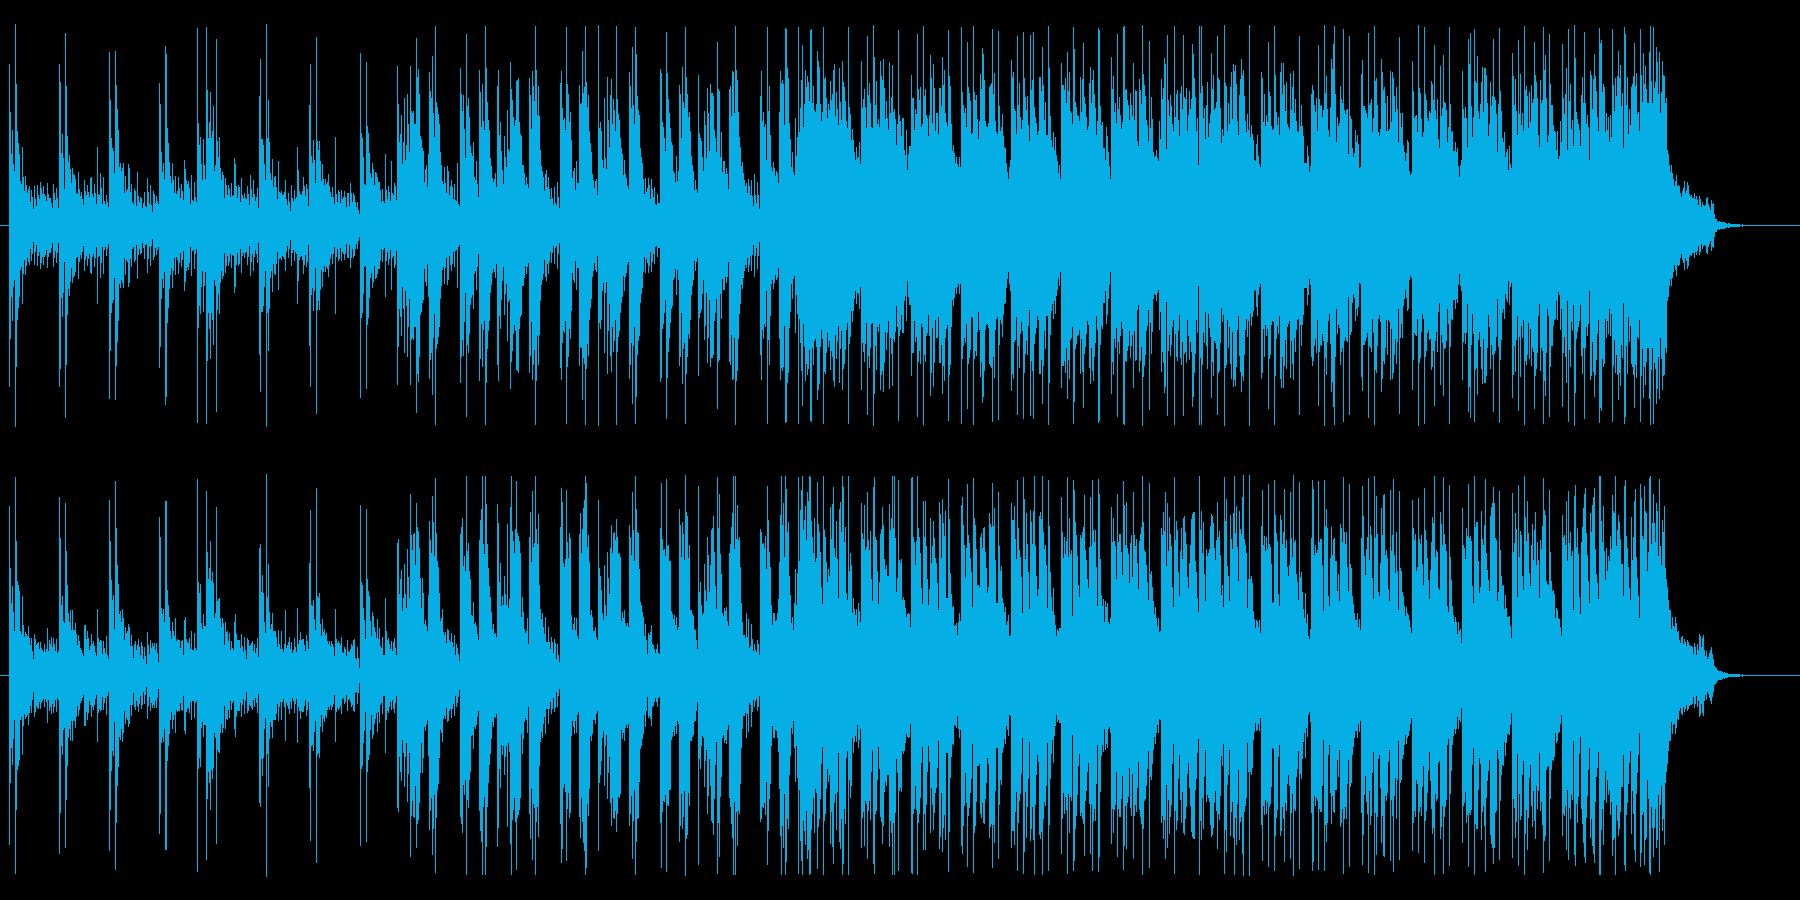 生死を分けるような緊張の局面的なBGMの再生済みの波形